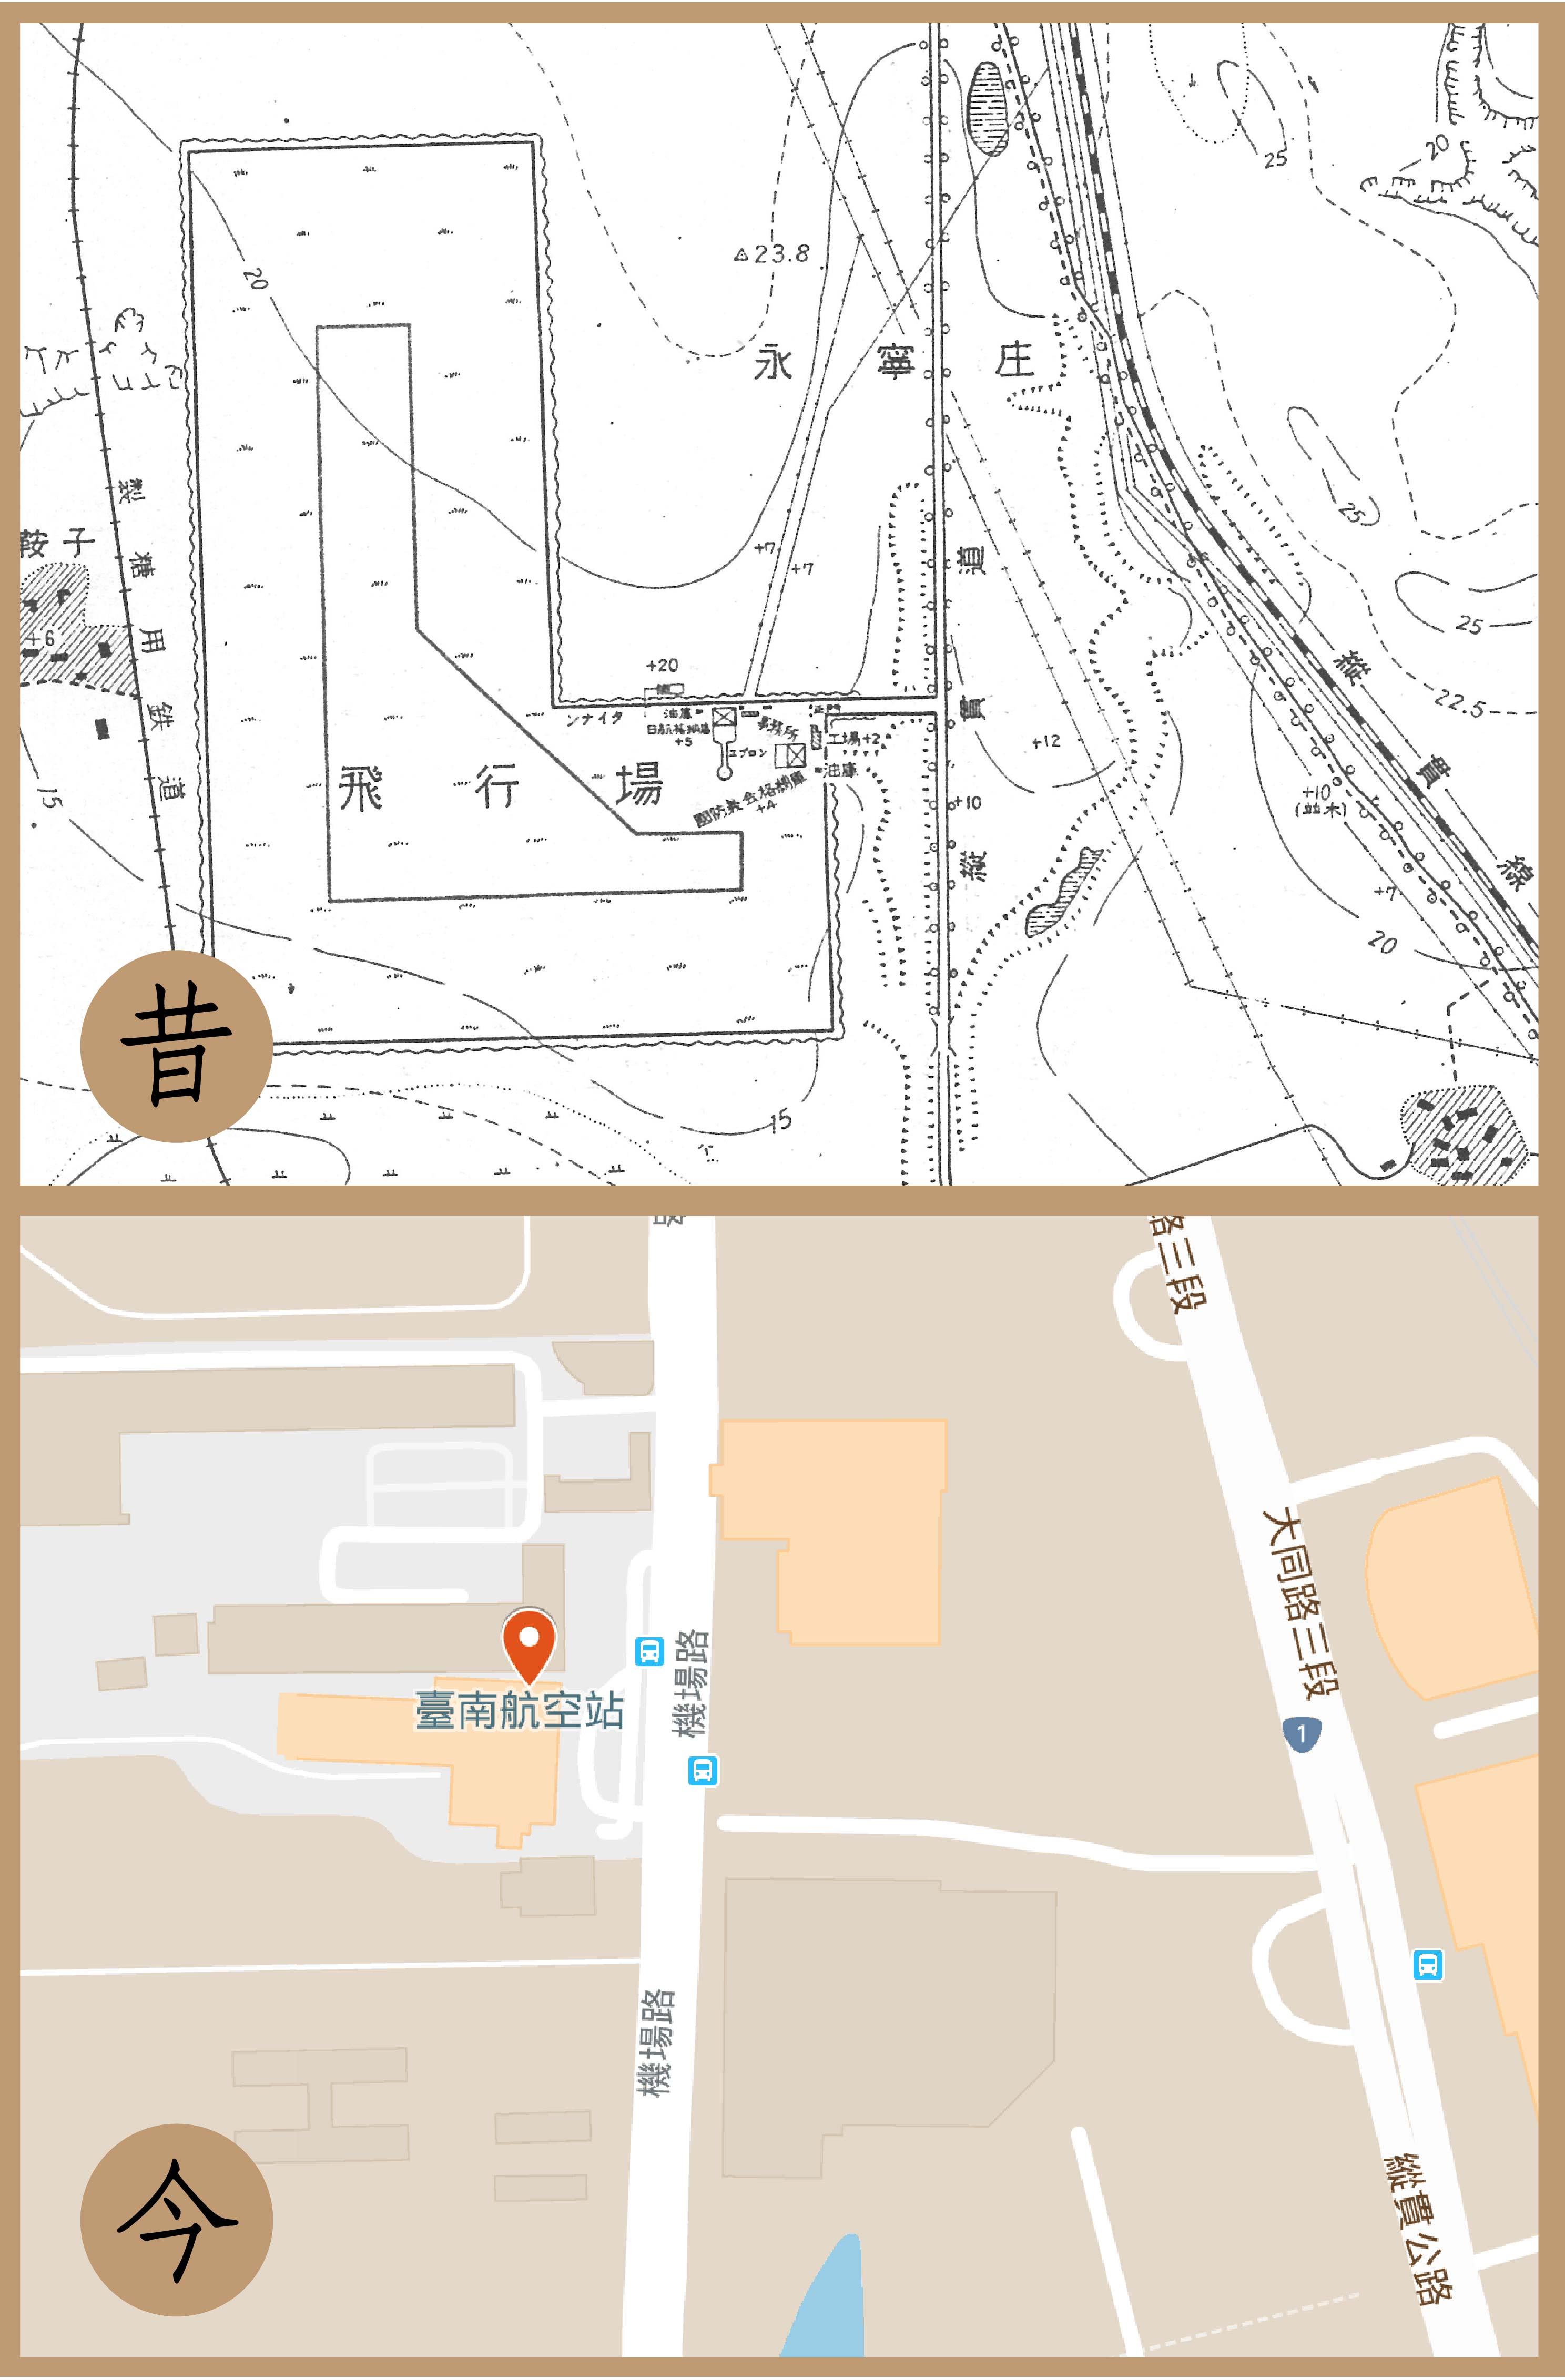 1940 年臺南飛行場平面圖,與當今臺南航空站的地圖對照。圖片來源│日本防衛省防衛研究所戰史研究中心、Google Map